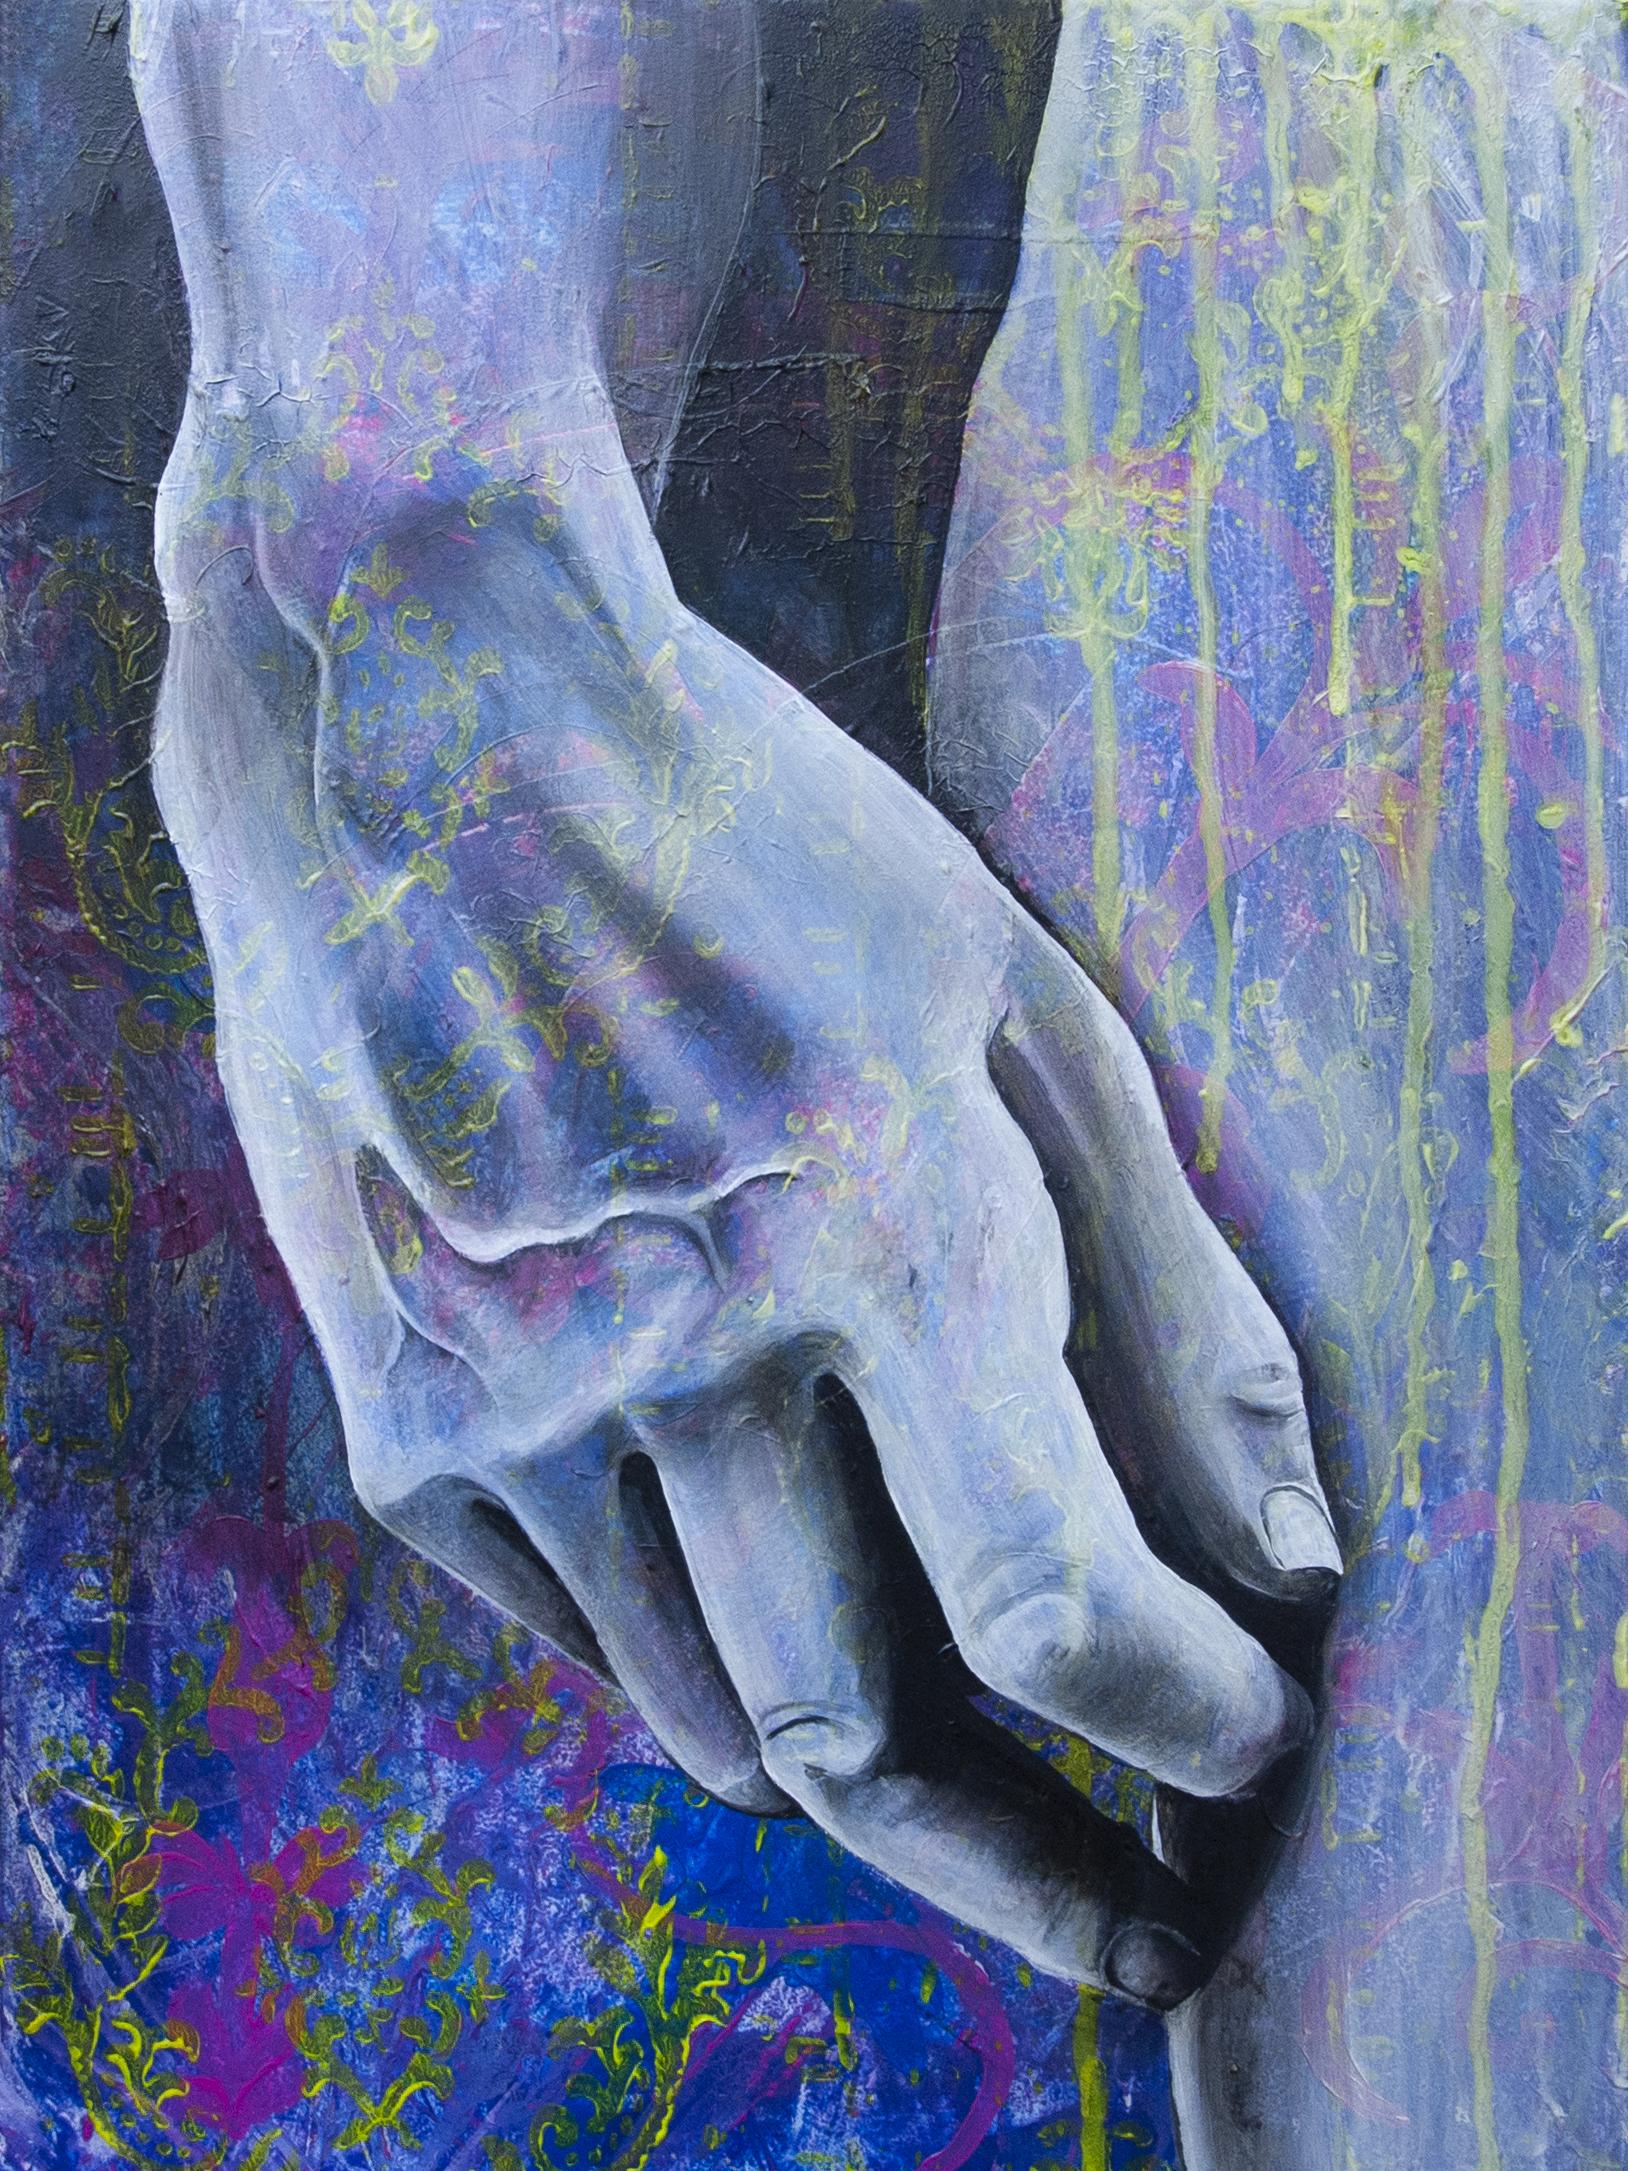 Davids Hand